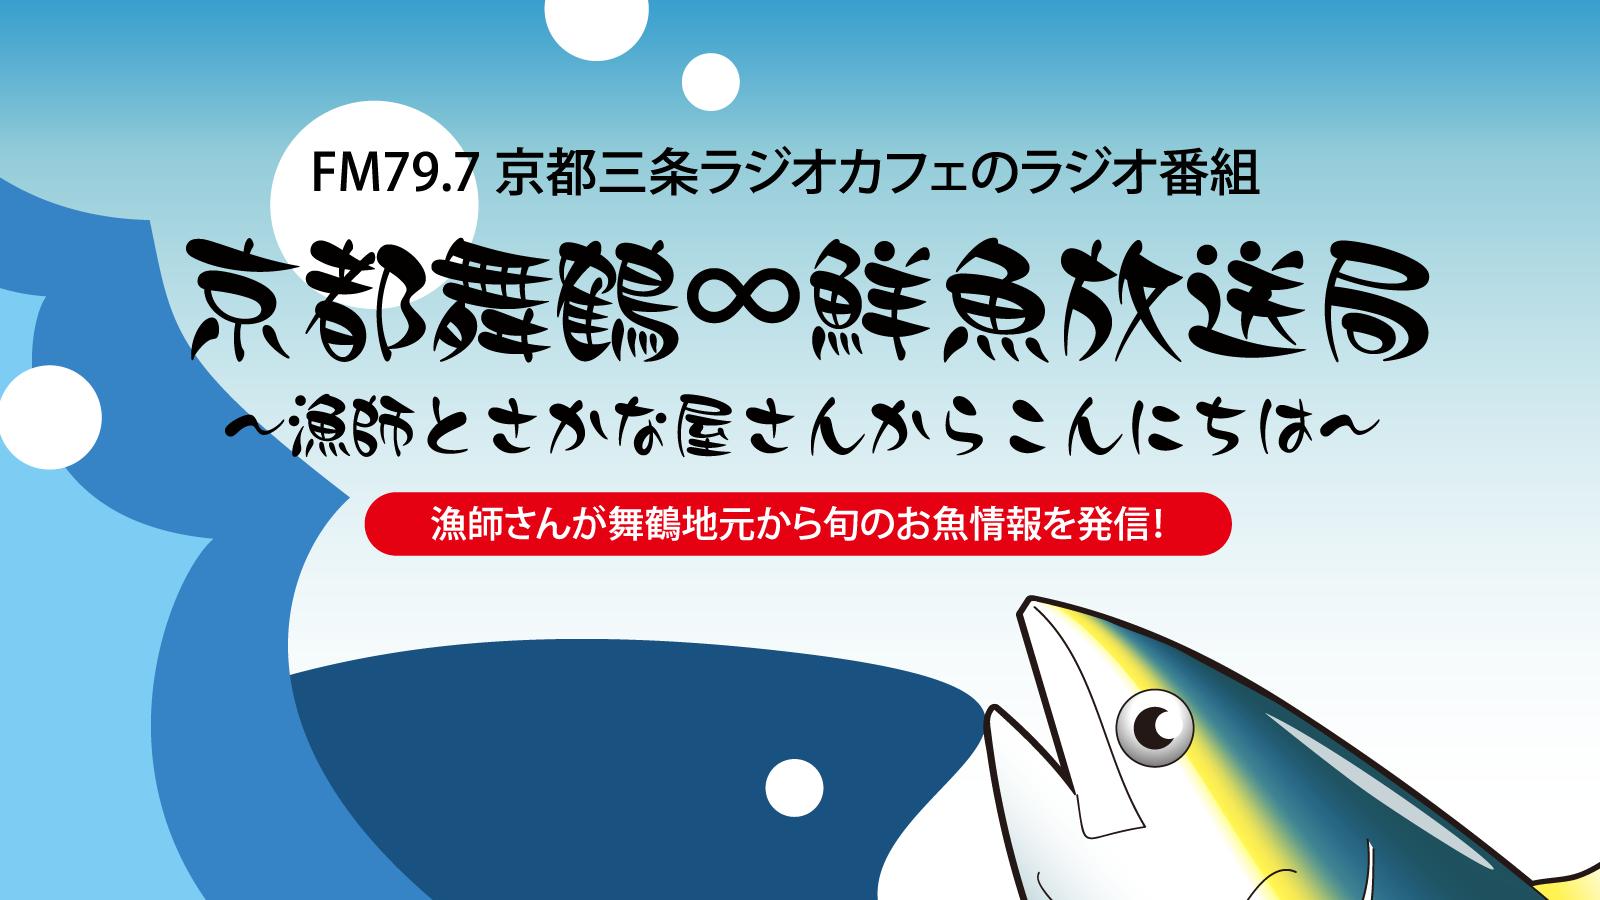 京都舞鶴∞鮮魚放送局